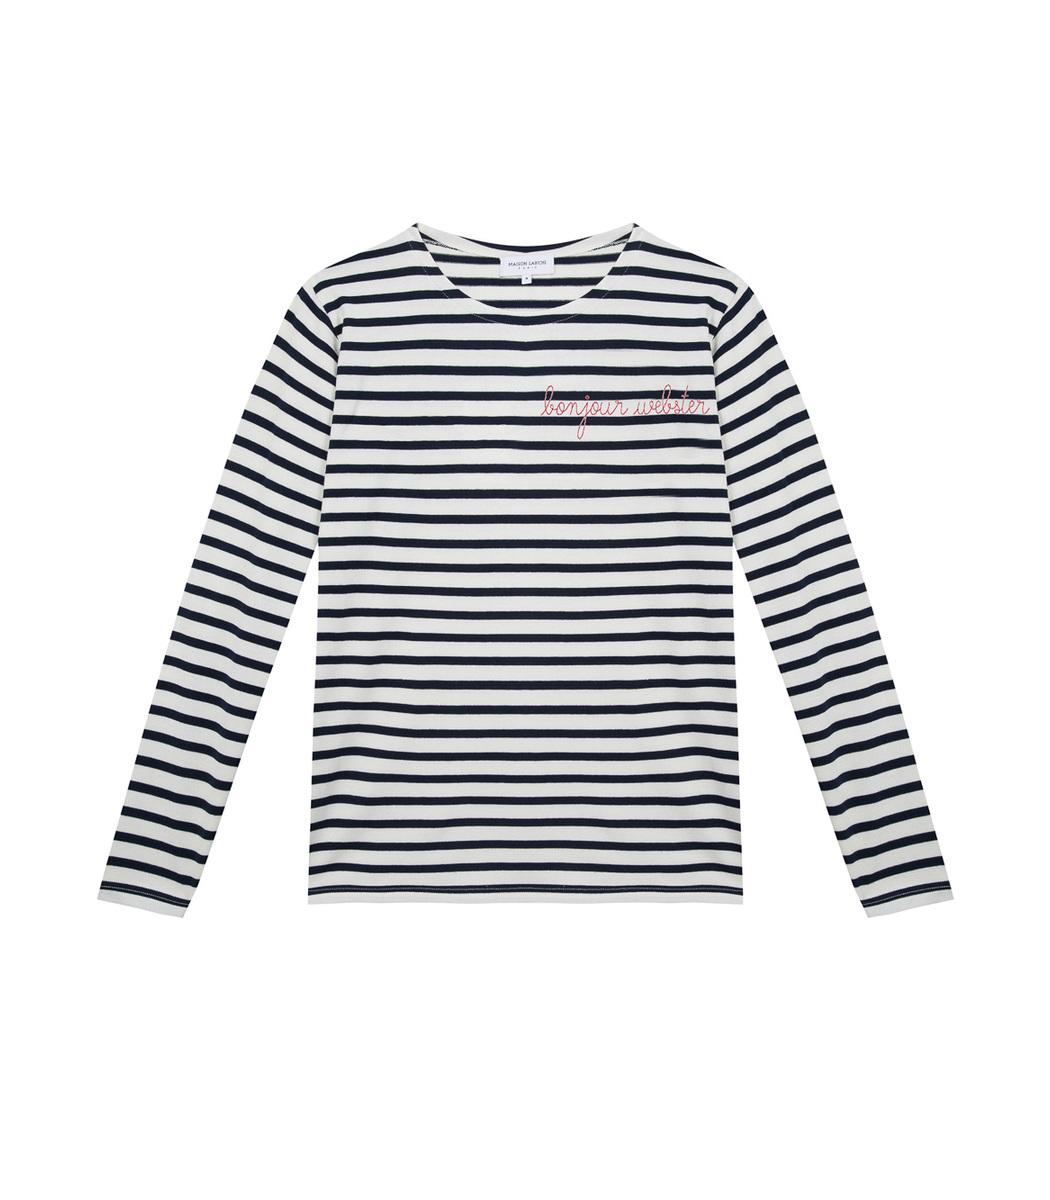 White/Blue Bonjour New York Stripped Long Sleeve Top in Black/White